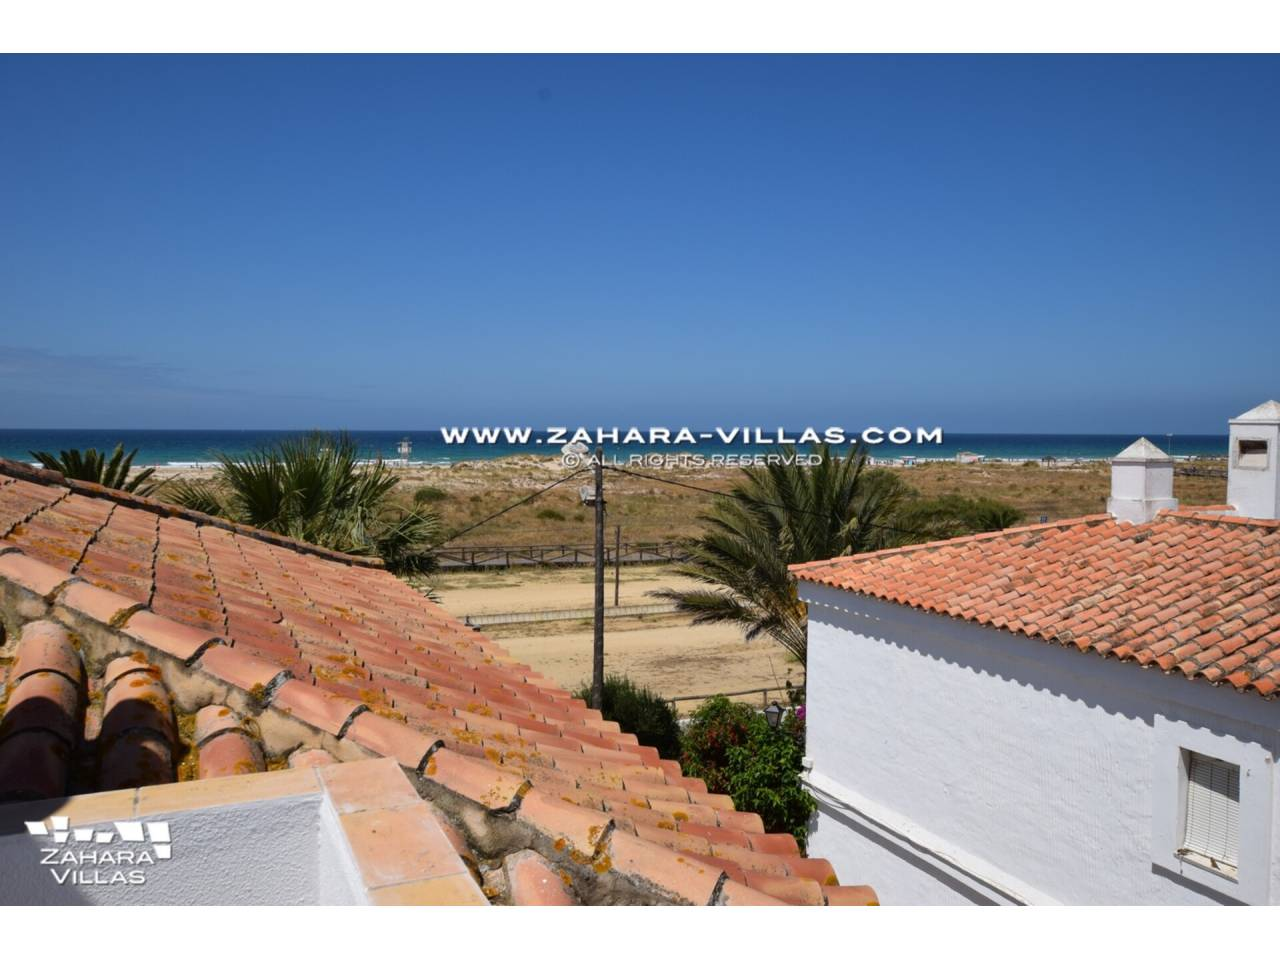 Imagen 1 de Casa en venta en segunda línea de playa, con vistas al mar en Zahara de los Atunes